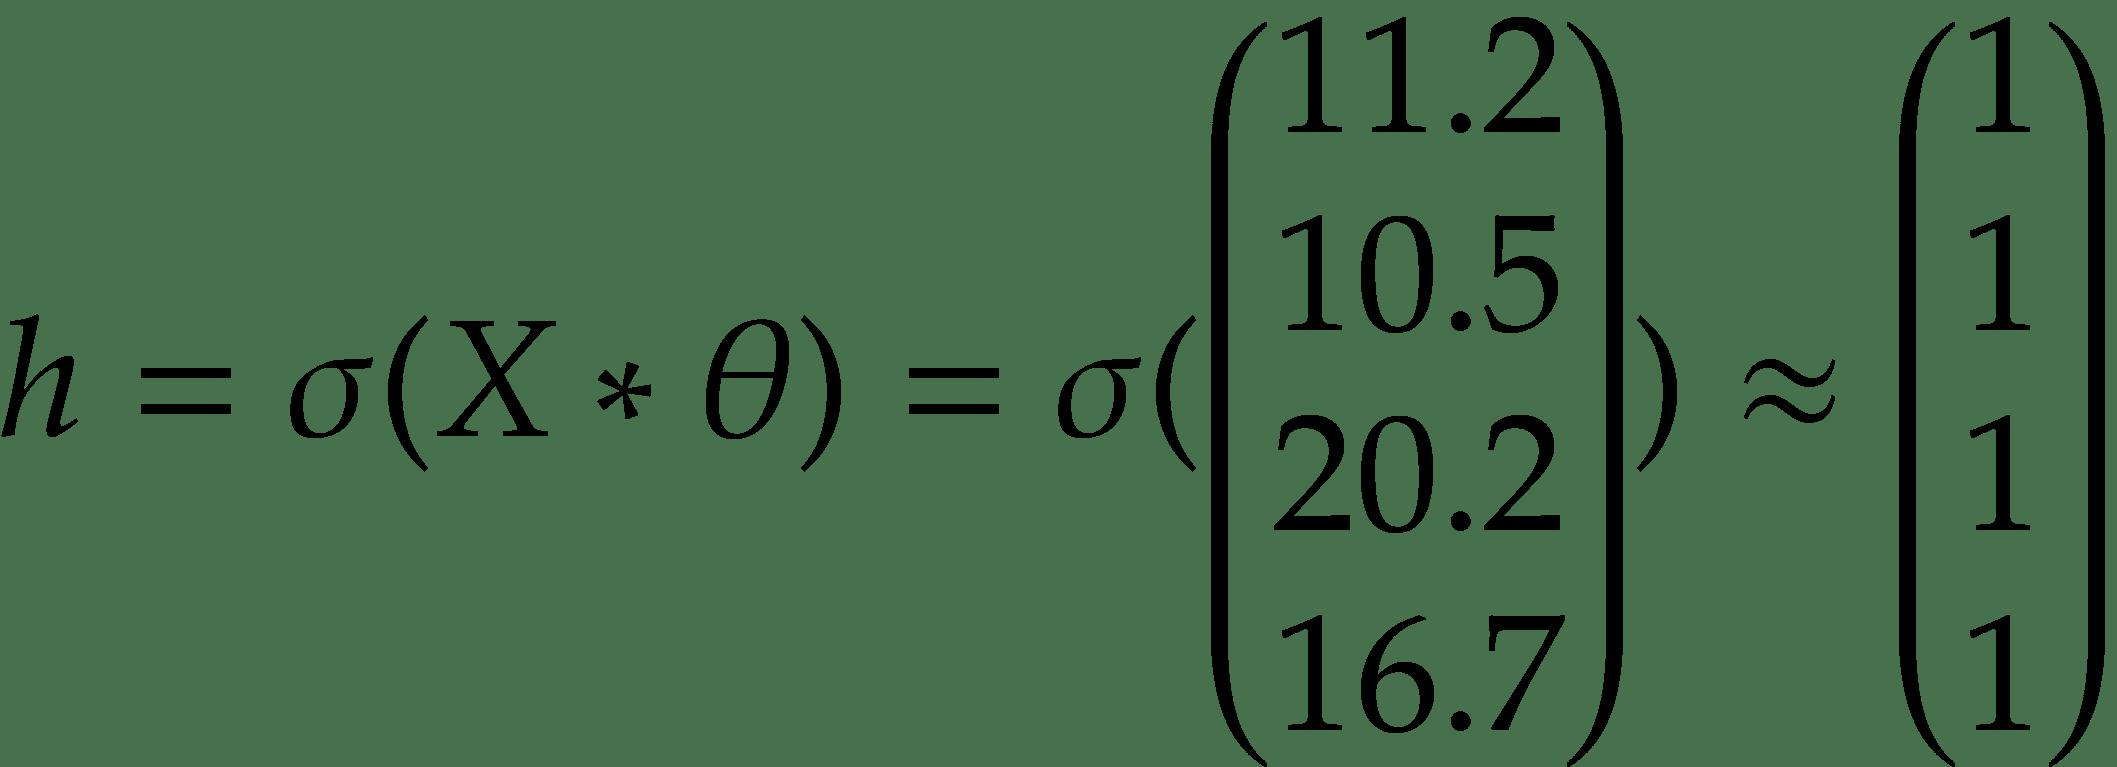 h = \sigma (X * \theta) = \sigma ( \begin{pmatrix} 11.2 \\ 10.5 \\ 20.2 \\ 16.7 \\ \end{pmatrix} ) \approx \begin{pmatrix} 1 \\ 1 \\ 1 \\ 1 \\ \end{pmatrix}